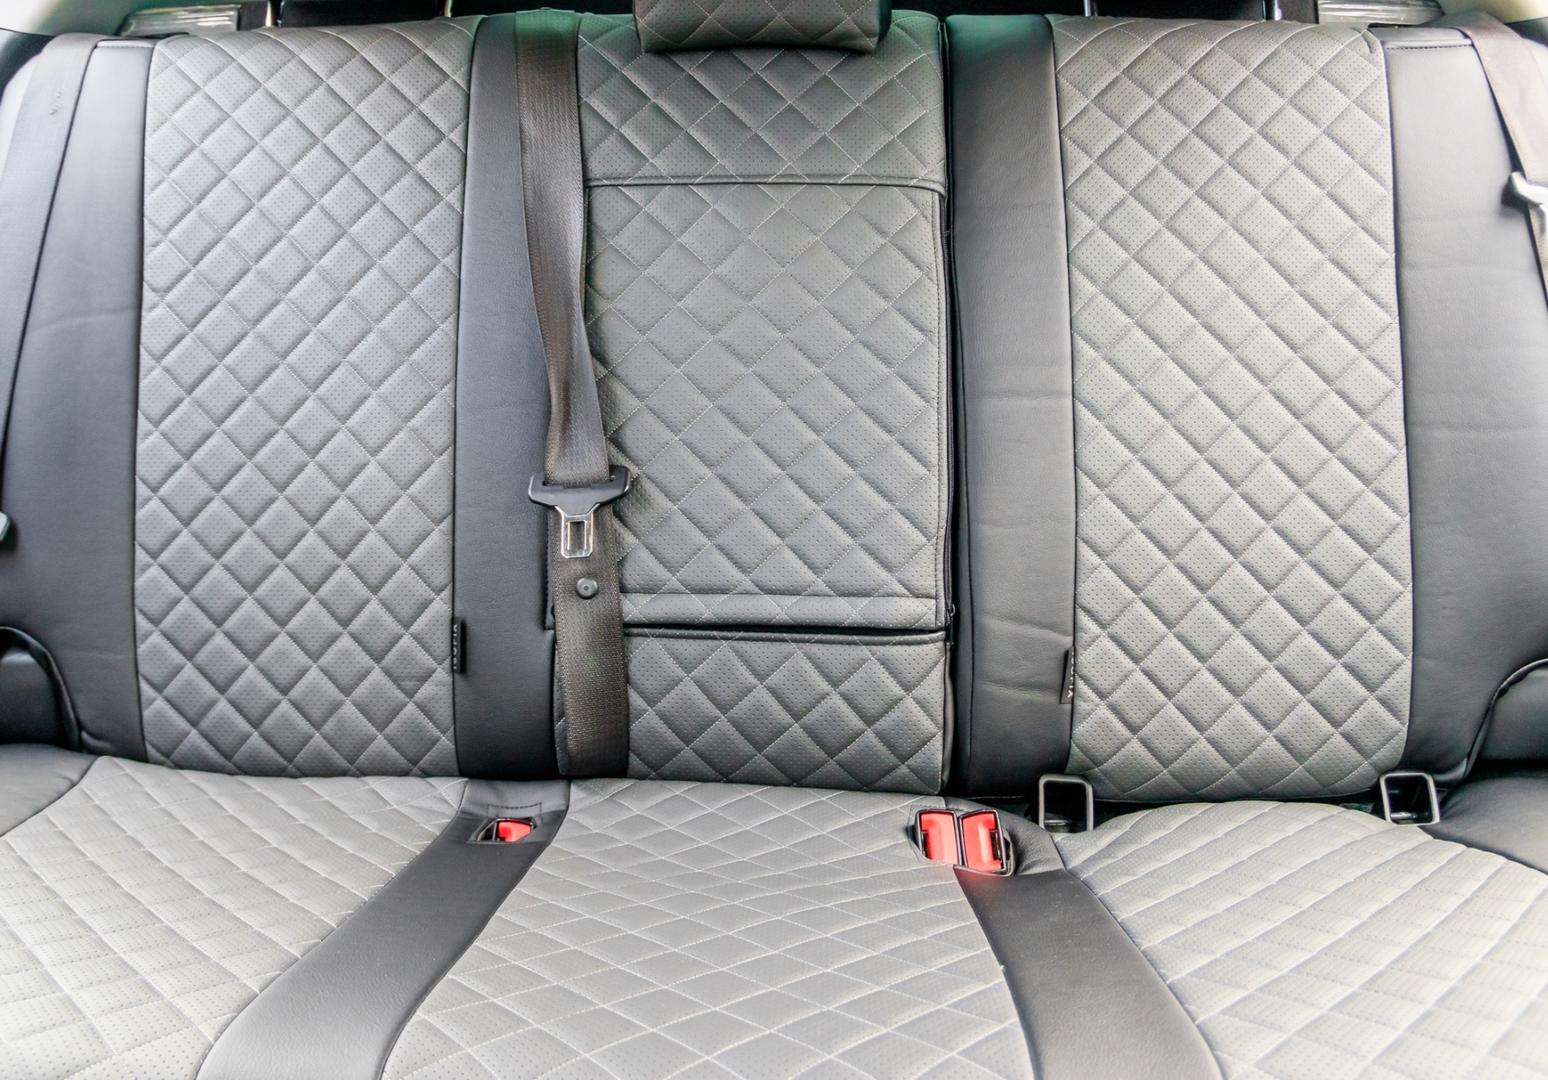 Топ-15 беспроигрышных подарков автомобилисту: на любой вкус и кошелёк